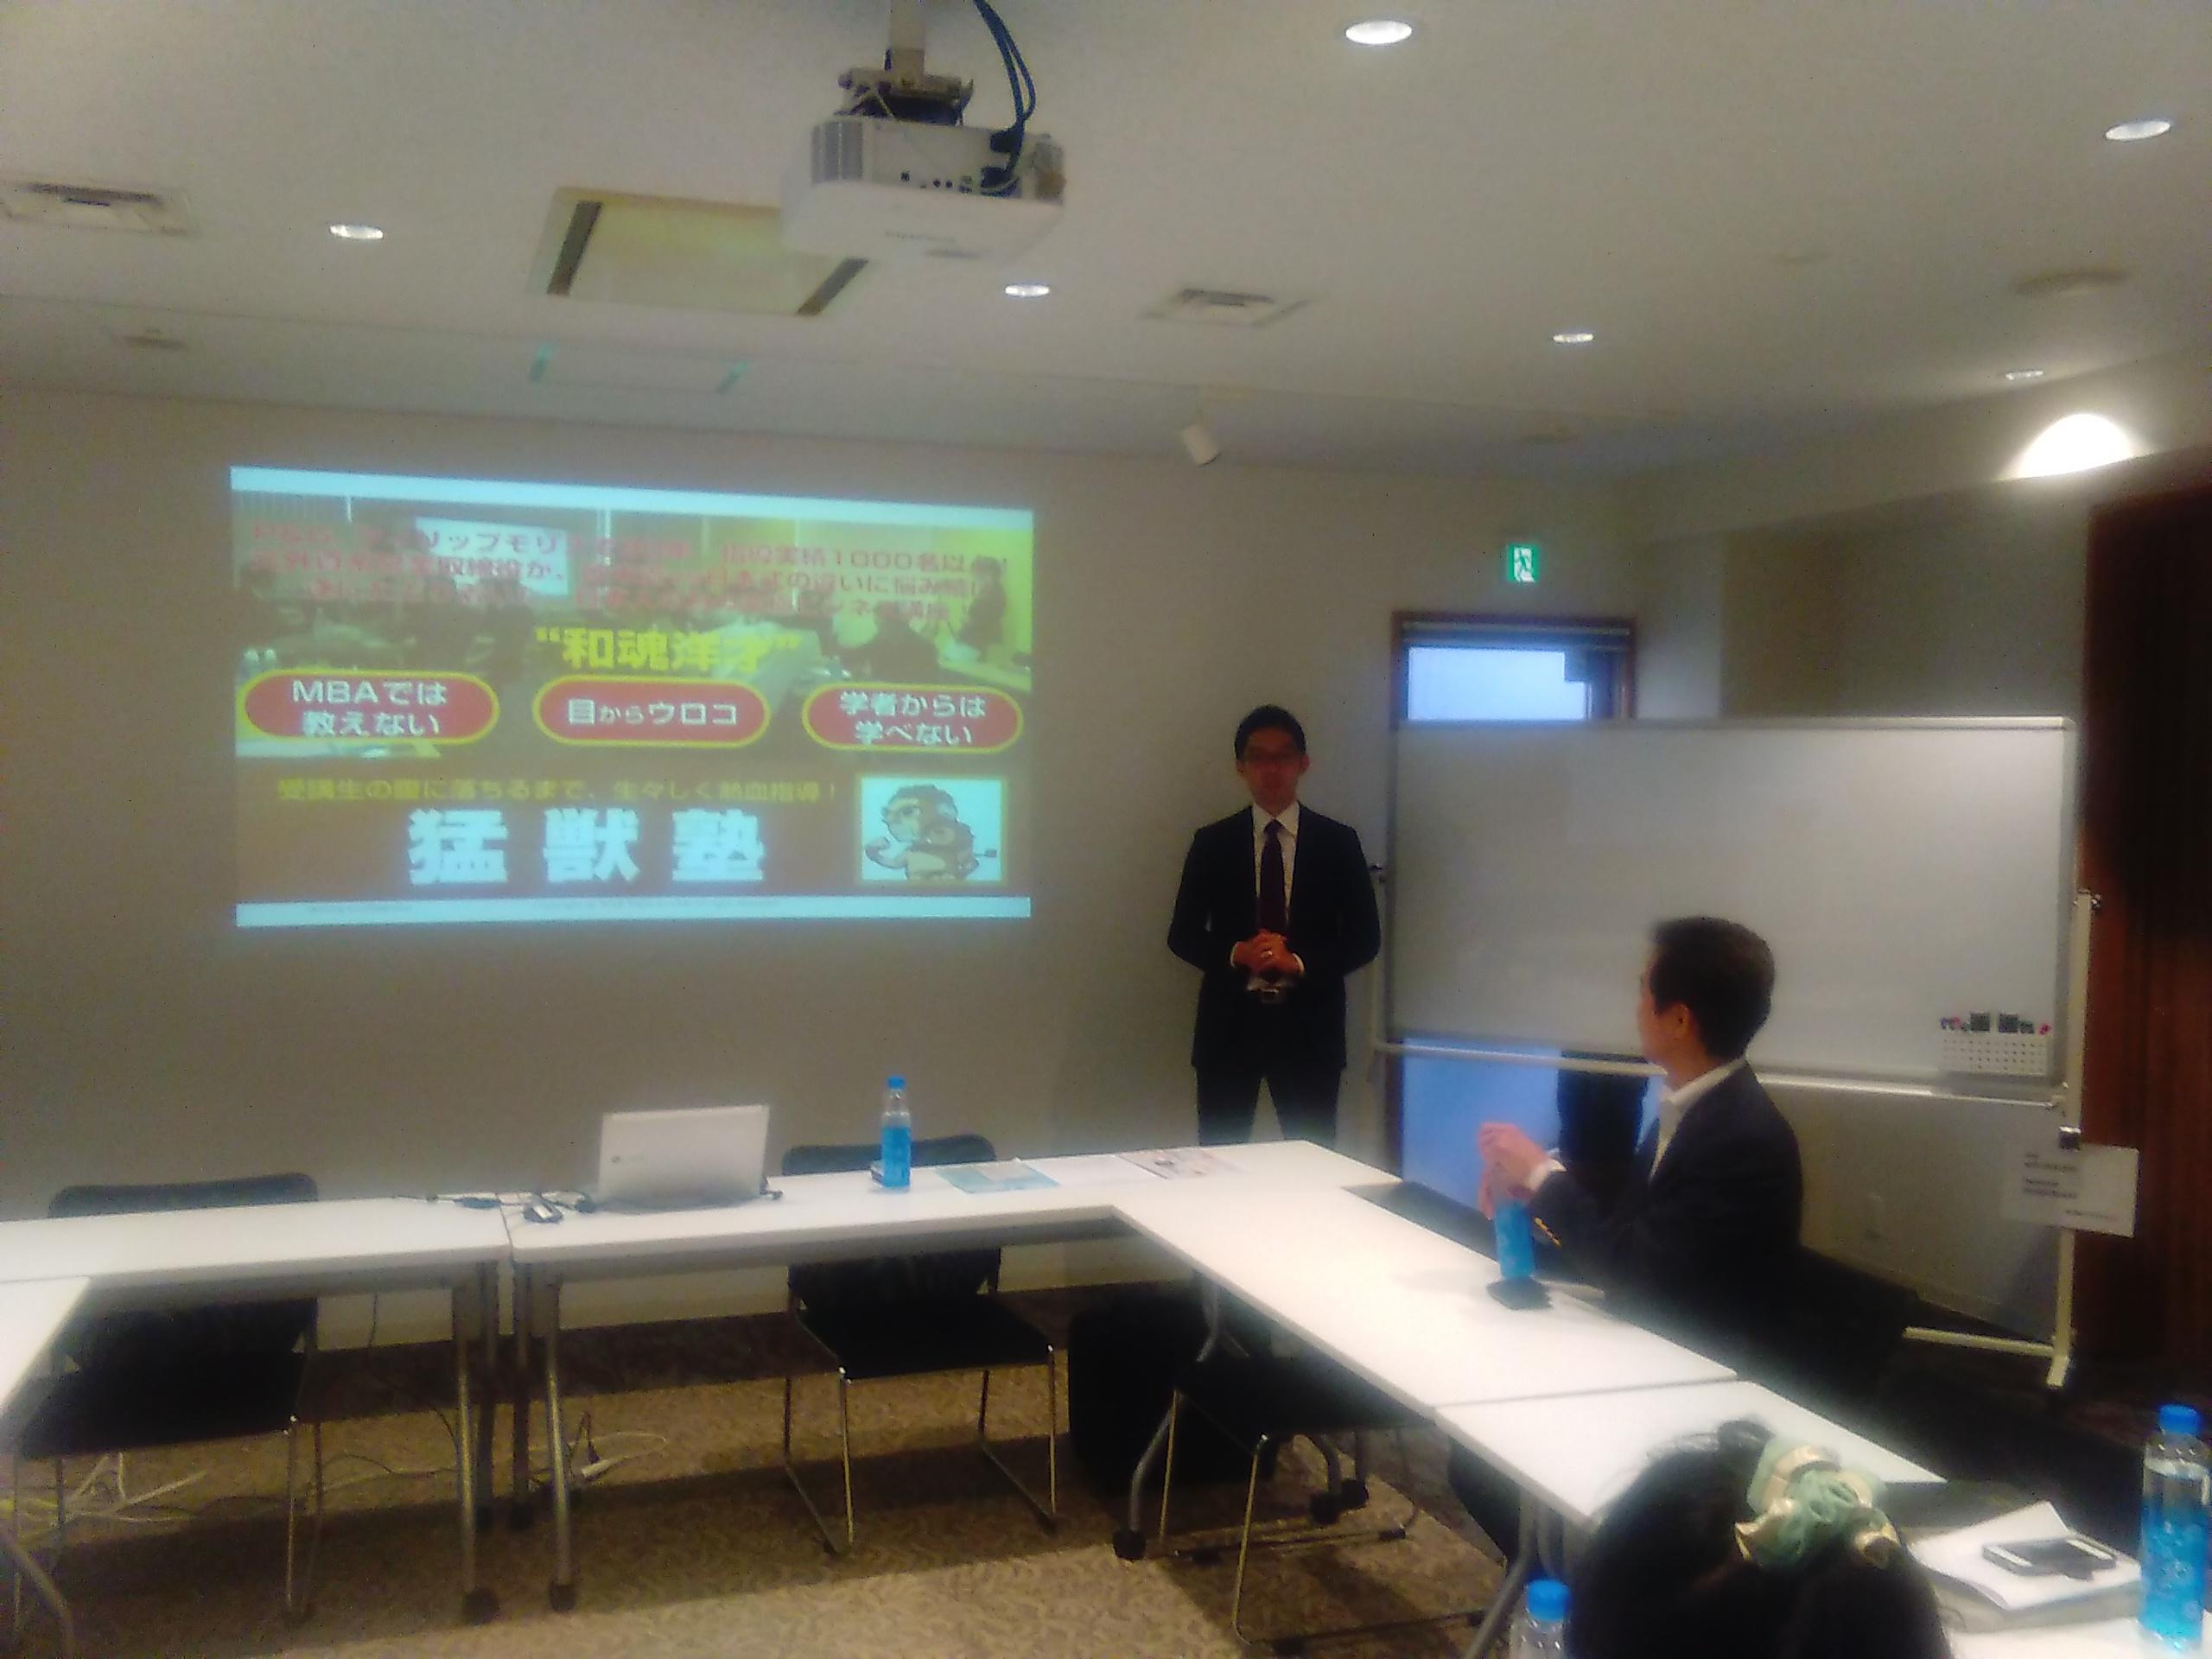 KIMG1255 - 6月25日猛獣塾入門講座開催